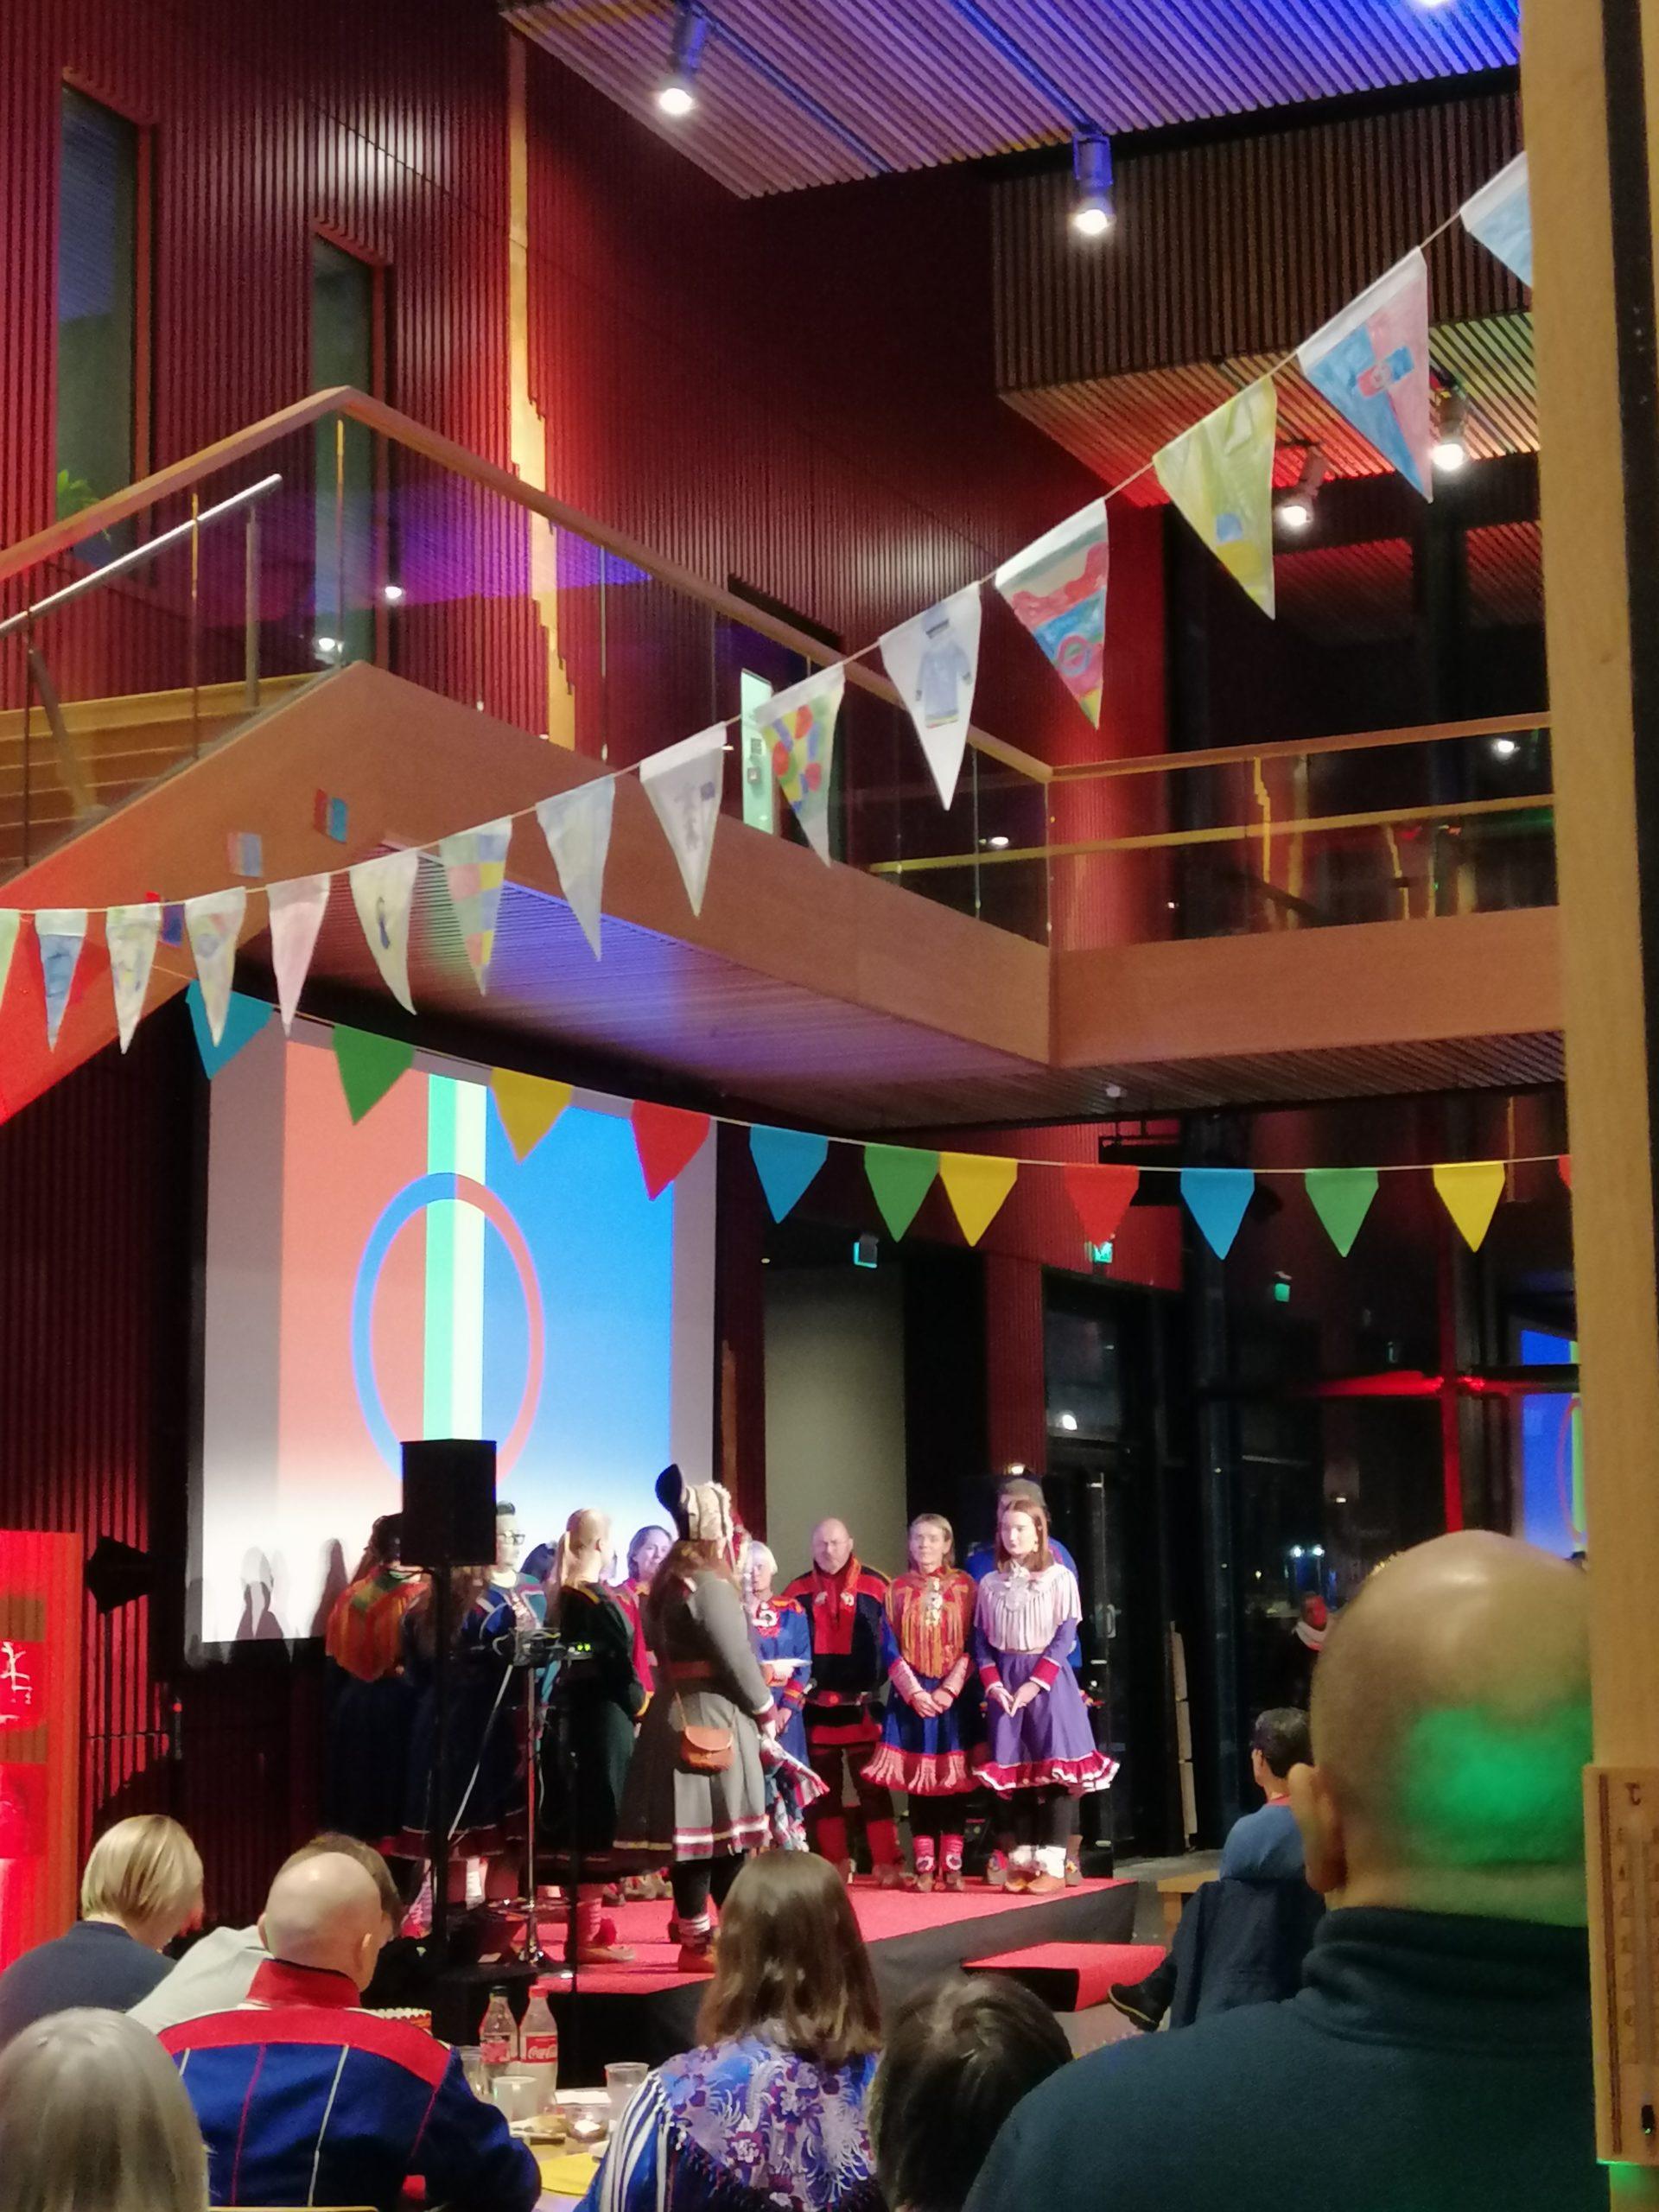 Bilde av scene med flere personer i samiske kofter fra forskjellige områder